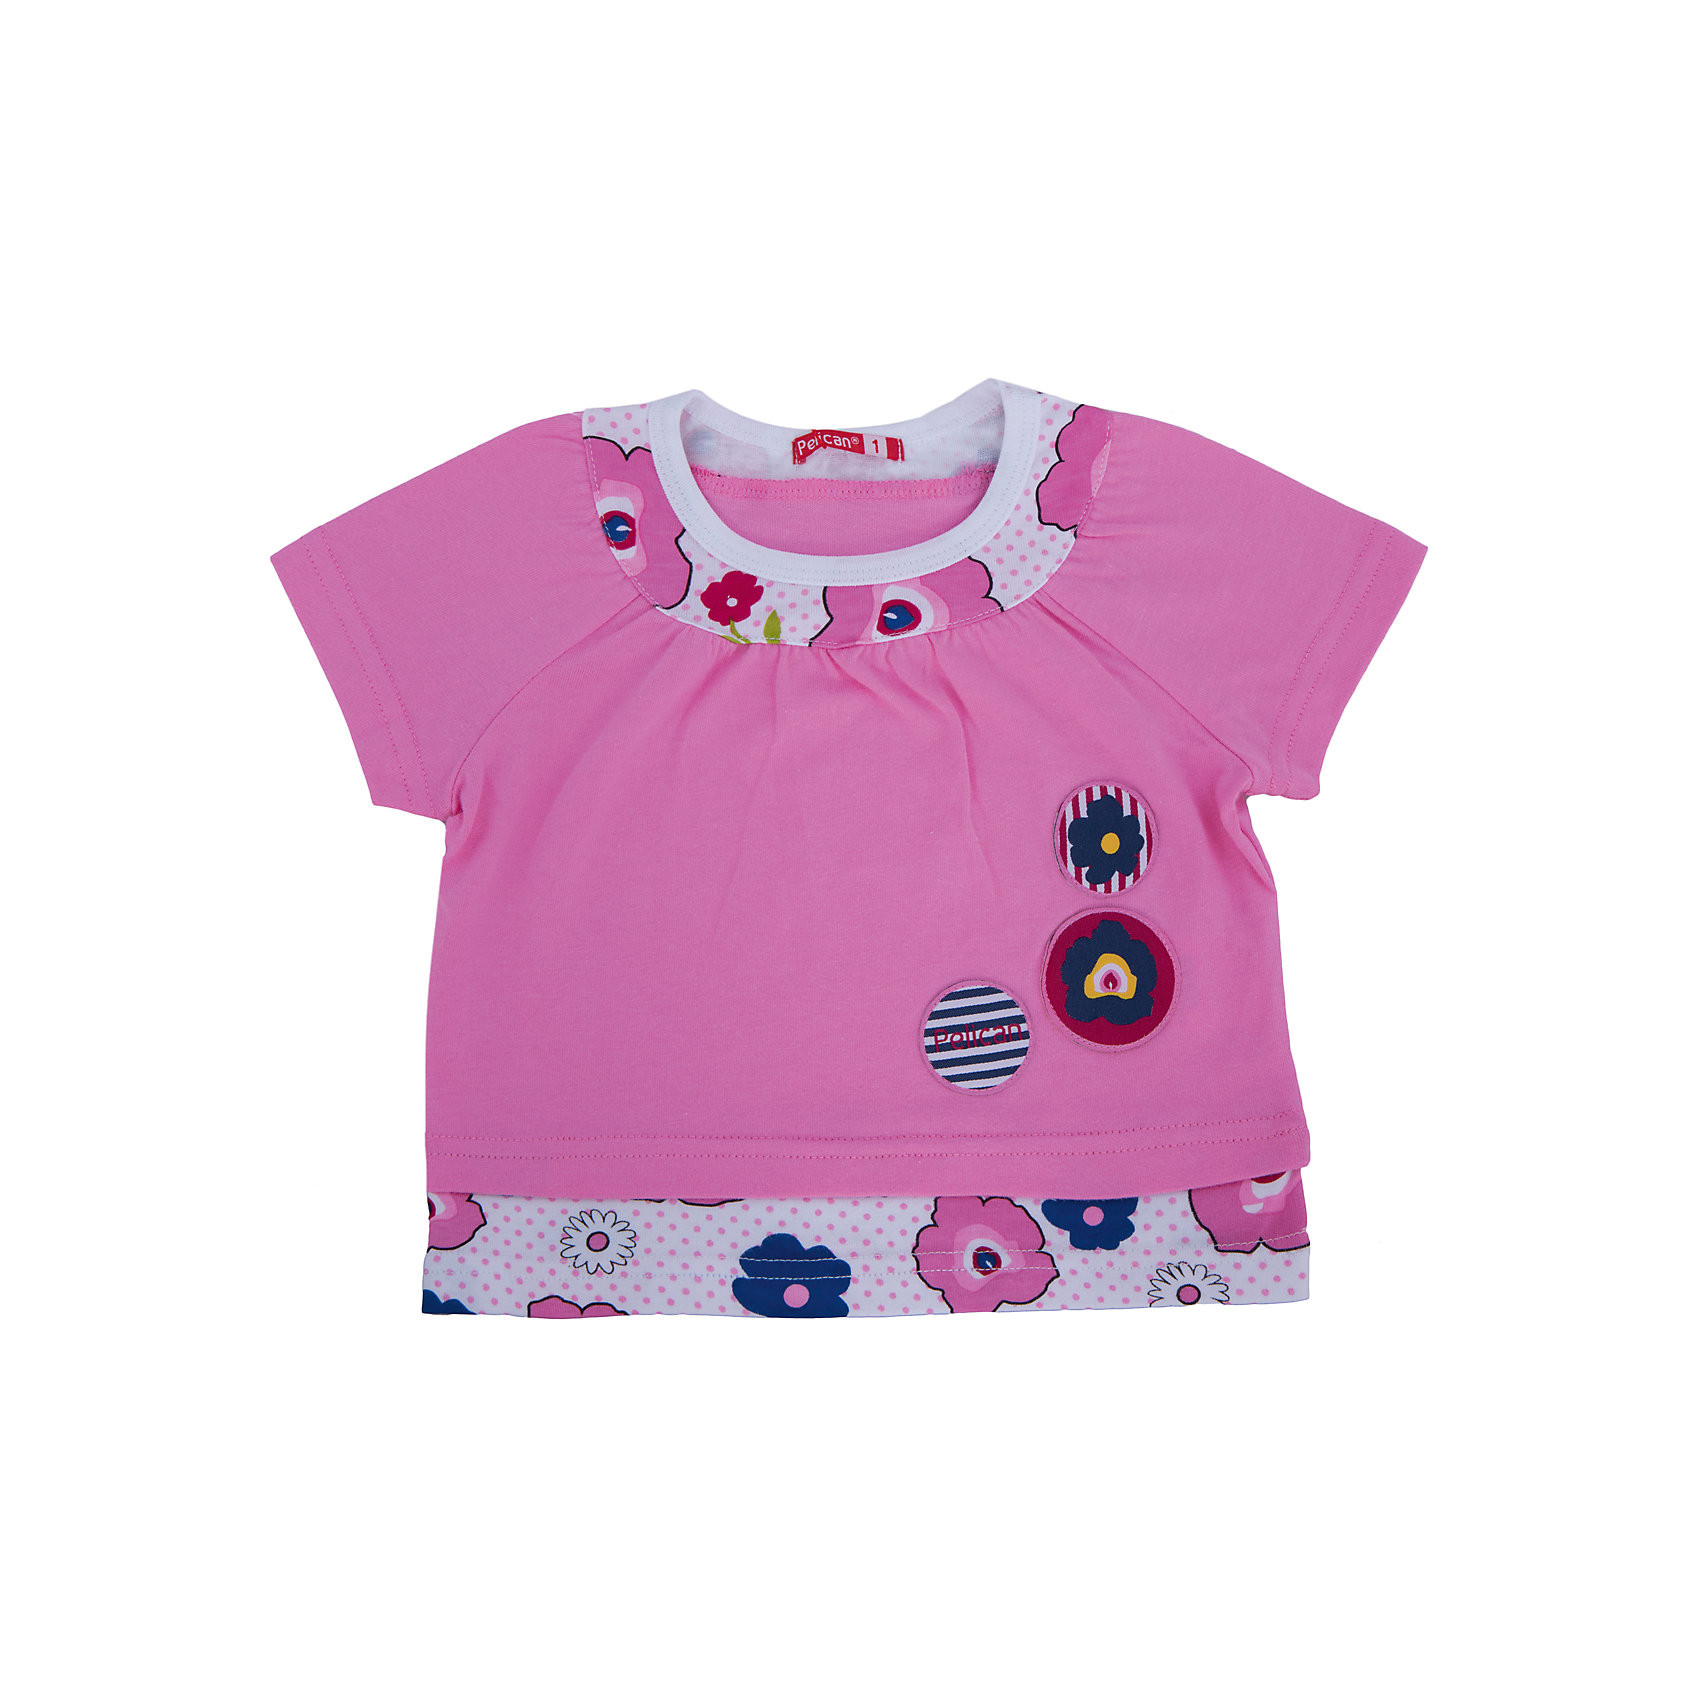 Футболка для девочки PELICANФутболки, поло и топы<br>Оригинальная удобная футболка для девочки поможет разнообразить гардероб ребенка, создать легкий подходящий погоде ансамбль. Удобный крой и качественный материал обеспечат ребенку комфорт при ношении этих вещей. <br>Футболка очень стильно смотрится благодаря актуальному дизайну. Изделие украшено модным принтом, контрастной вставкой на горловине. Рукава - короткие. Материал - легкий, отлично подходит для лета, состоит из дышащего натурального хлопка. Очень приятен на ощупь, не вызывает аллергии.<br><br>Дополнительная информация:<br><br>материал: 100% хлопок;<br>цвет: розовый;<br>принт;<br>рукава короткие.<br><br>Футболку для девочки от бренда PELICAN (Пеликан) можно купить в нашем магазине.<br><br>Ширина мм: 157<br>Глубина мм: 13<br>Высота мм: 119<br>Вес г: 200<br>Цвет: розовый<br>Возраст от месяцев: 12<br>Возраст до месяцев: 18<br>Пол: Женский<br>Возраст: Детский<br>Размер: 86,110,92<br>SKU: 4805133